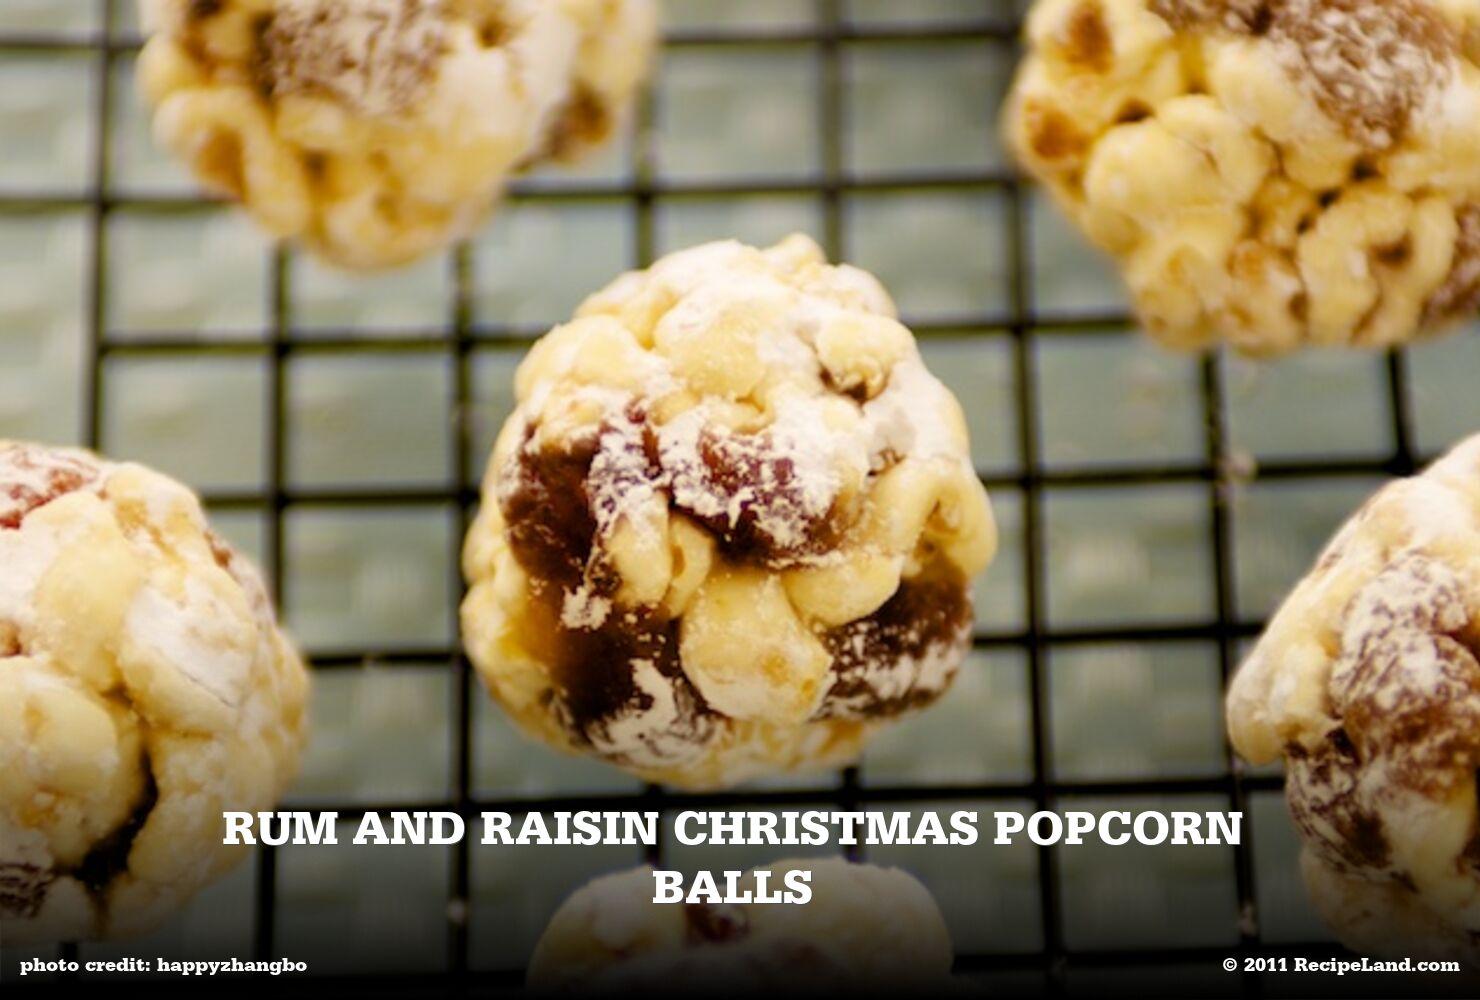 Rum and Raisin Christmas Popcorn Balls